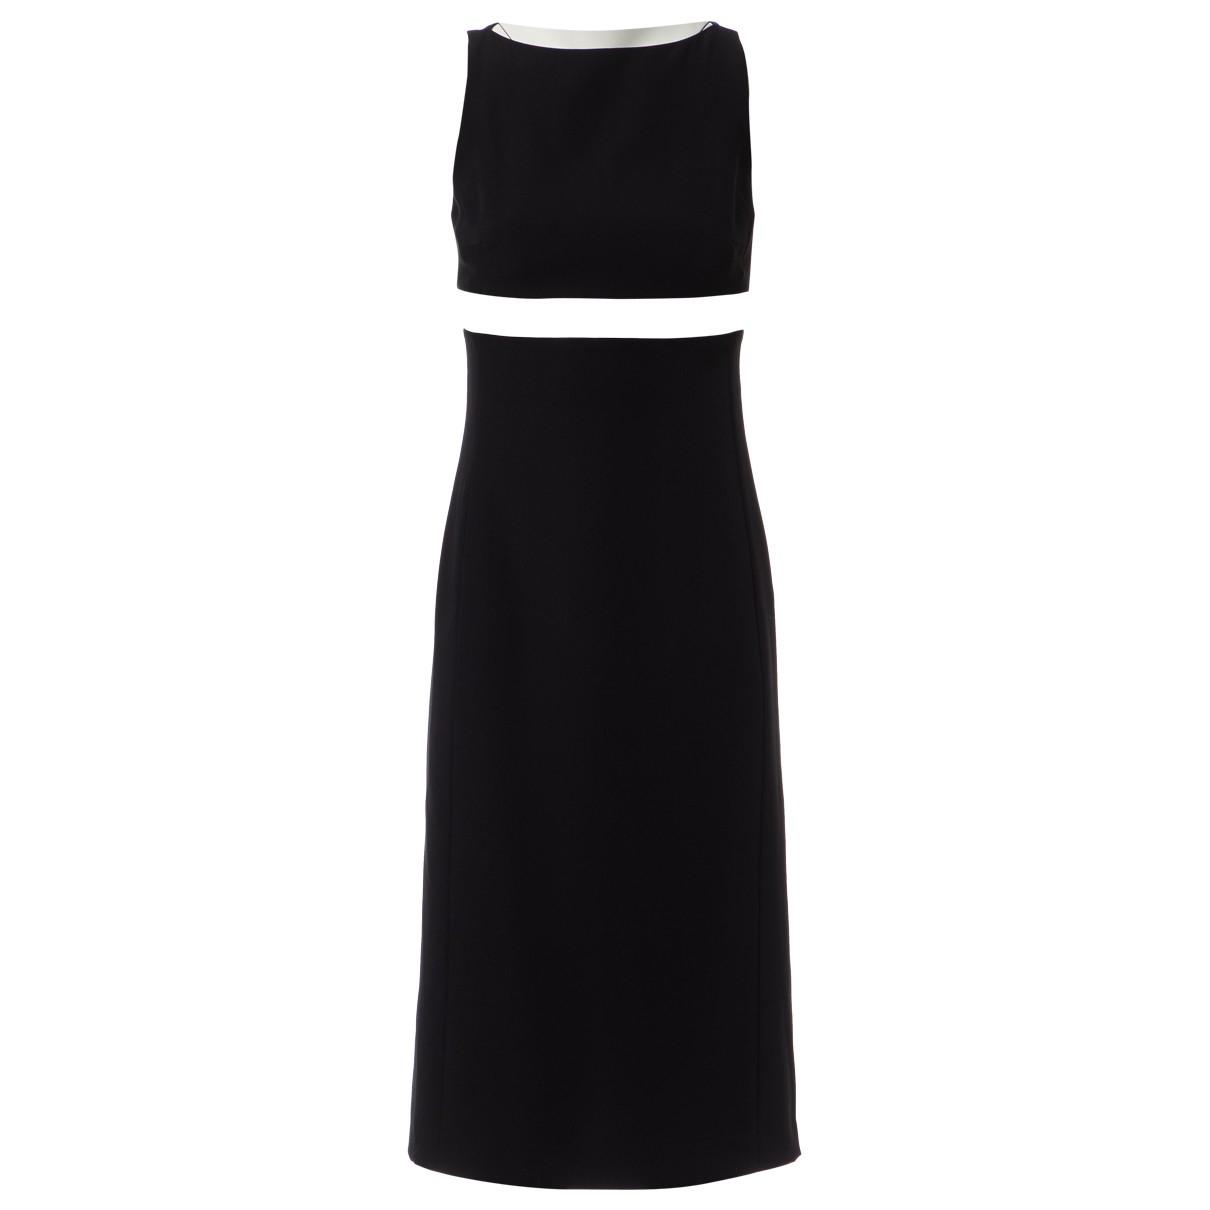 Paco Rabanne \N Kleid in  Schwarz Polyester